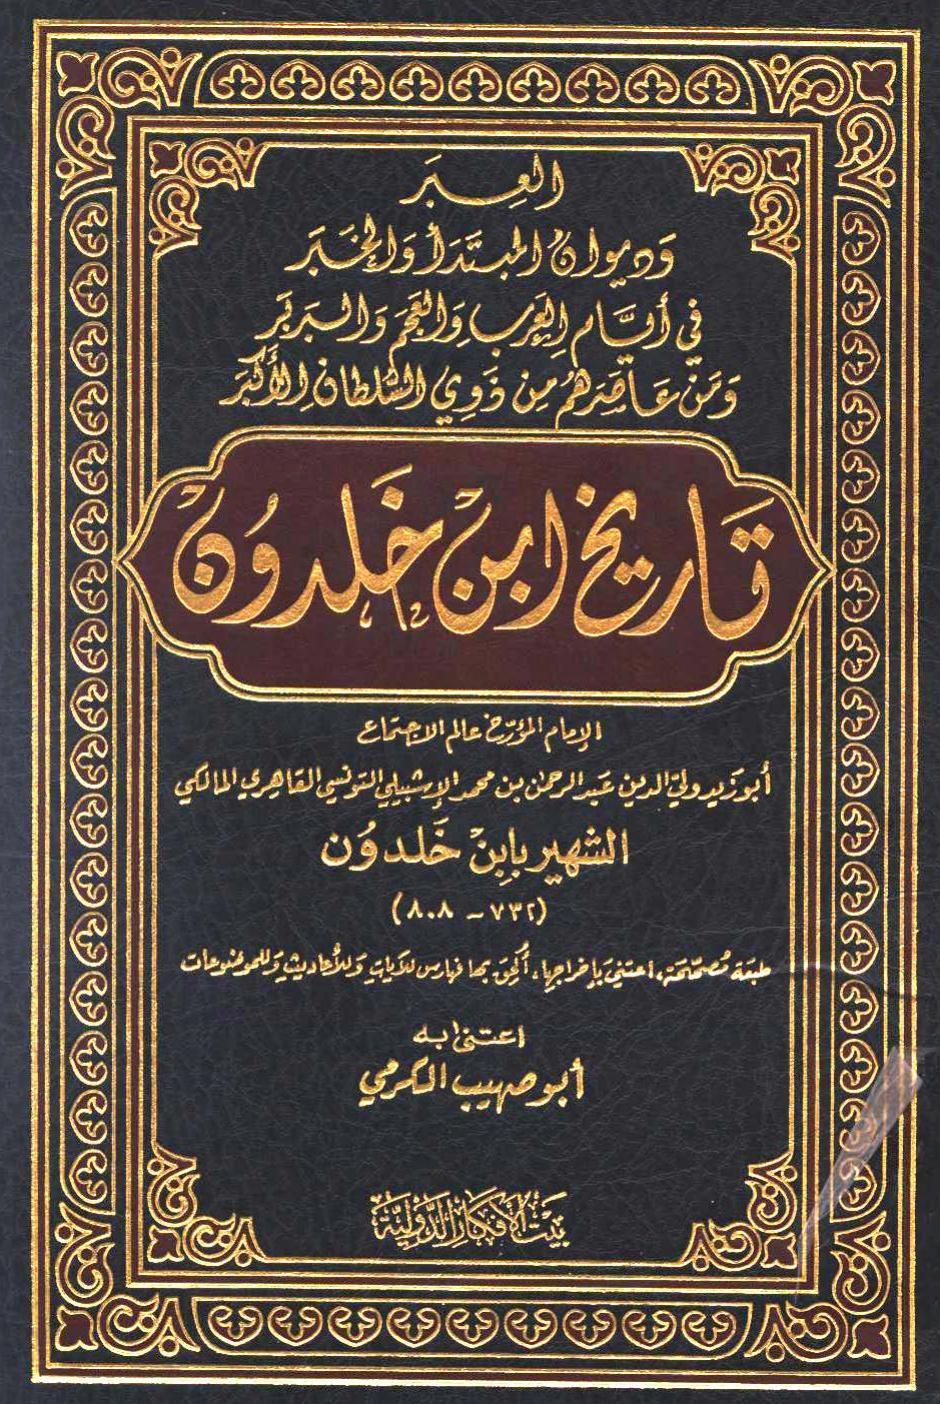 تحميل كتاب المفصل في تاريخ العرب قبل الإسلام